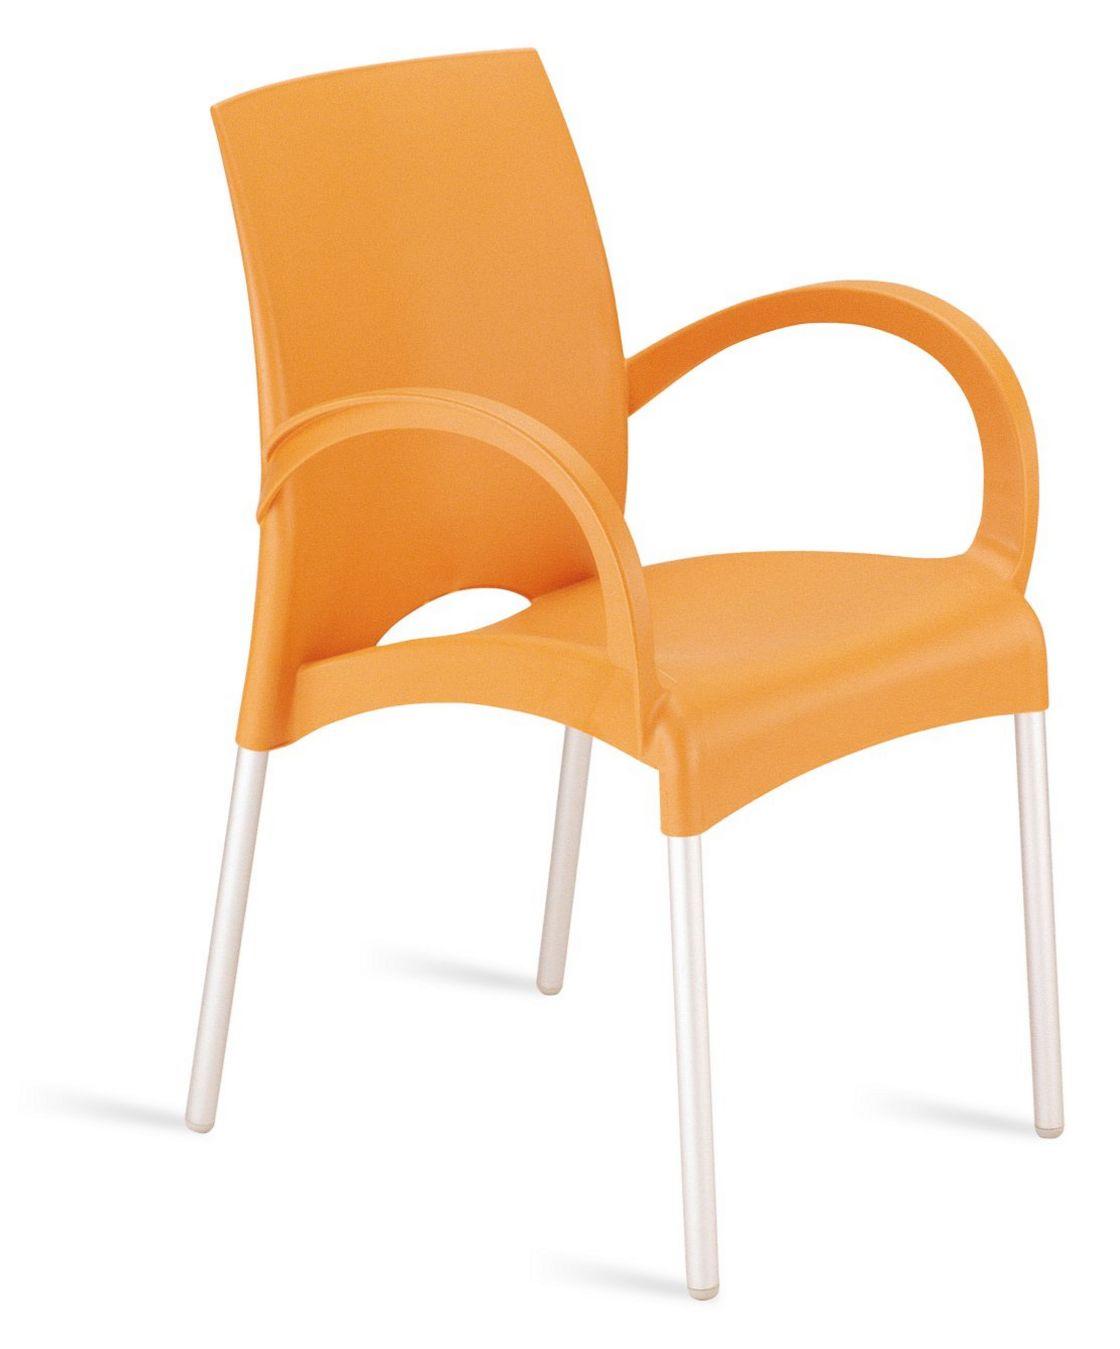 orangener Stuhl mit Armlehnen